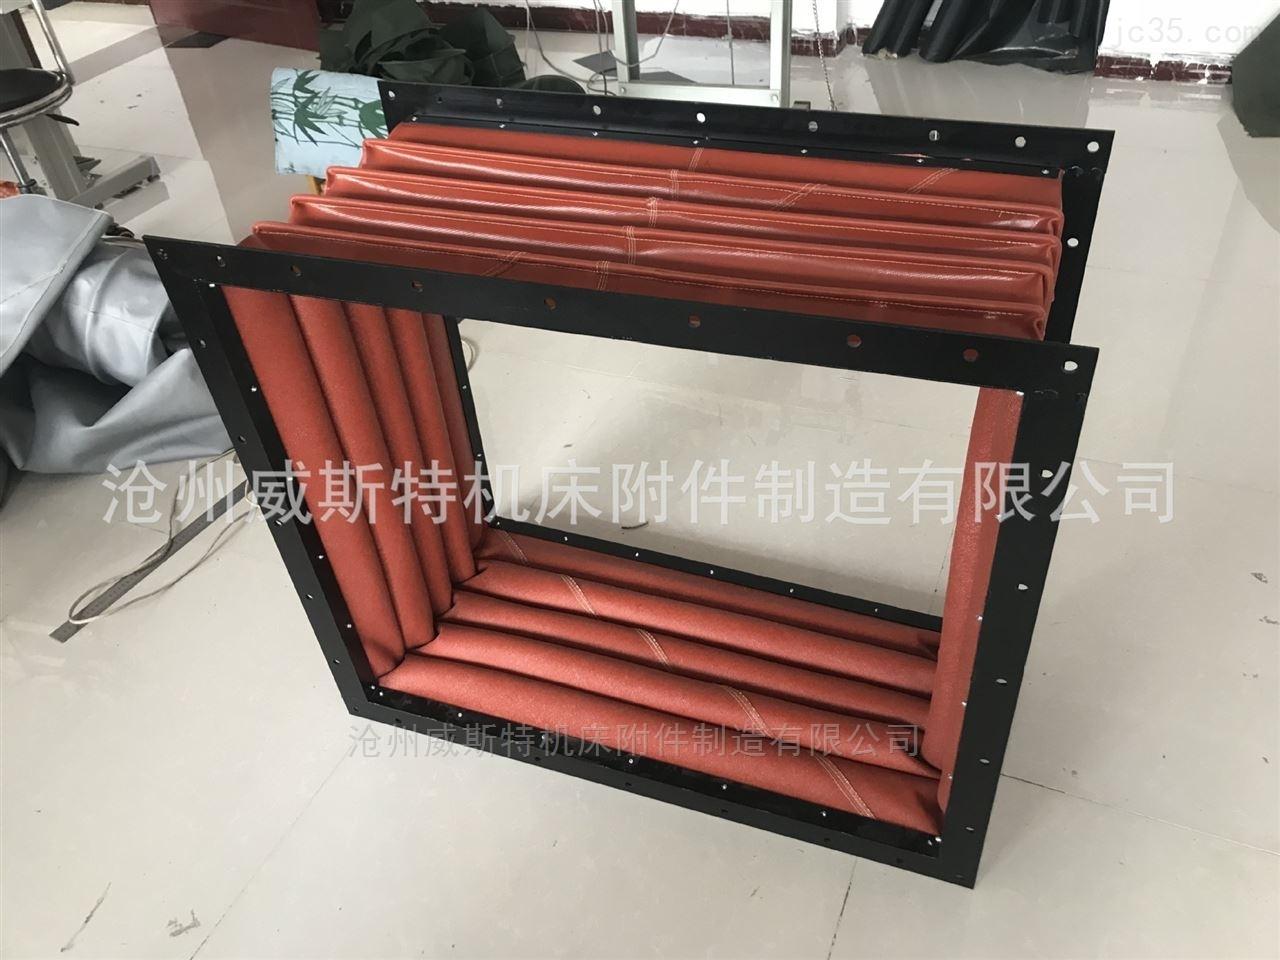 定制耐温风管软连接